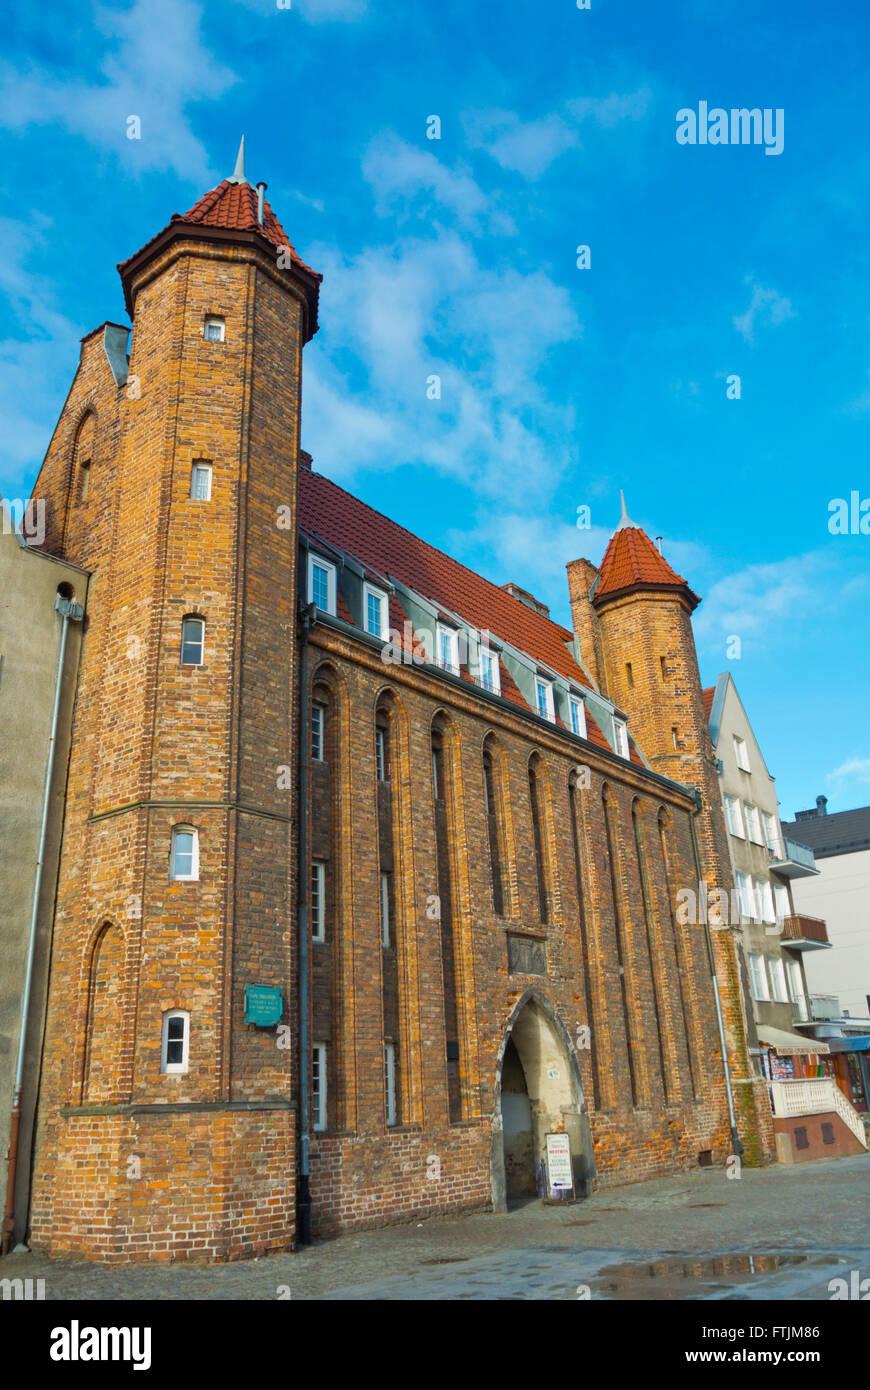 Brama Mariacka, Dlugie Pobrzeze, riverside promenade, Glowne Miasto, Main city, Gdansk, Pomerania, Poland - Stock Image